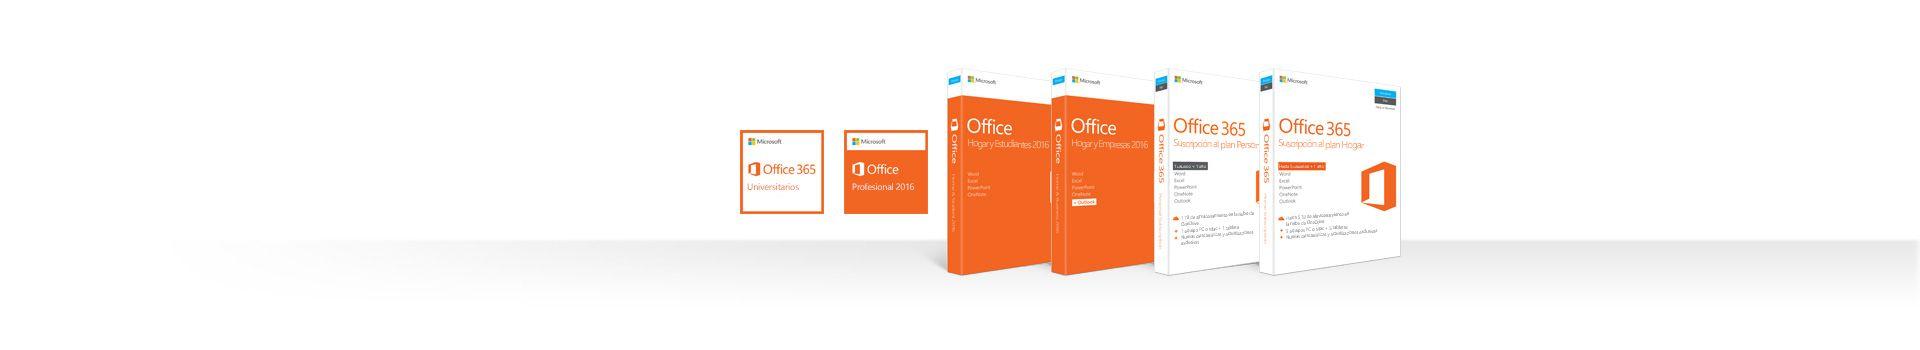 Una fila de cuadros de productos de Office 2016 y Office 365 para equipos PC